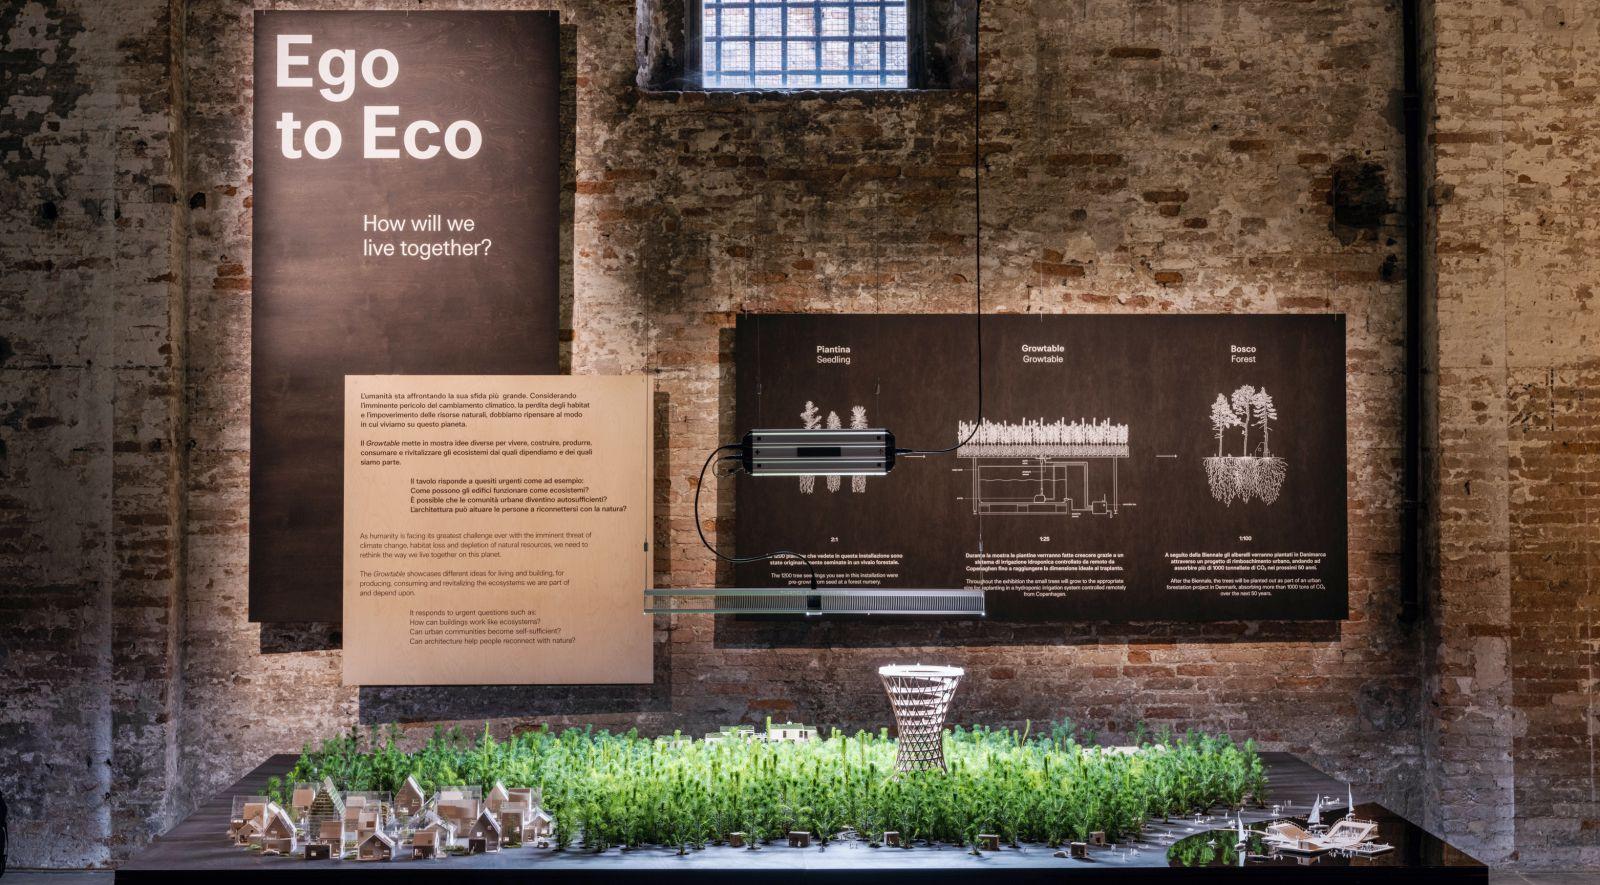 Ego to Eco